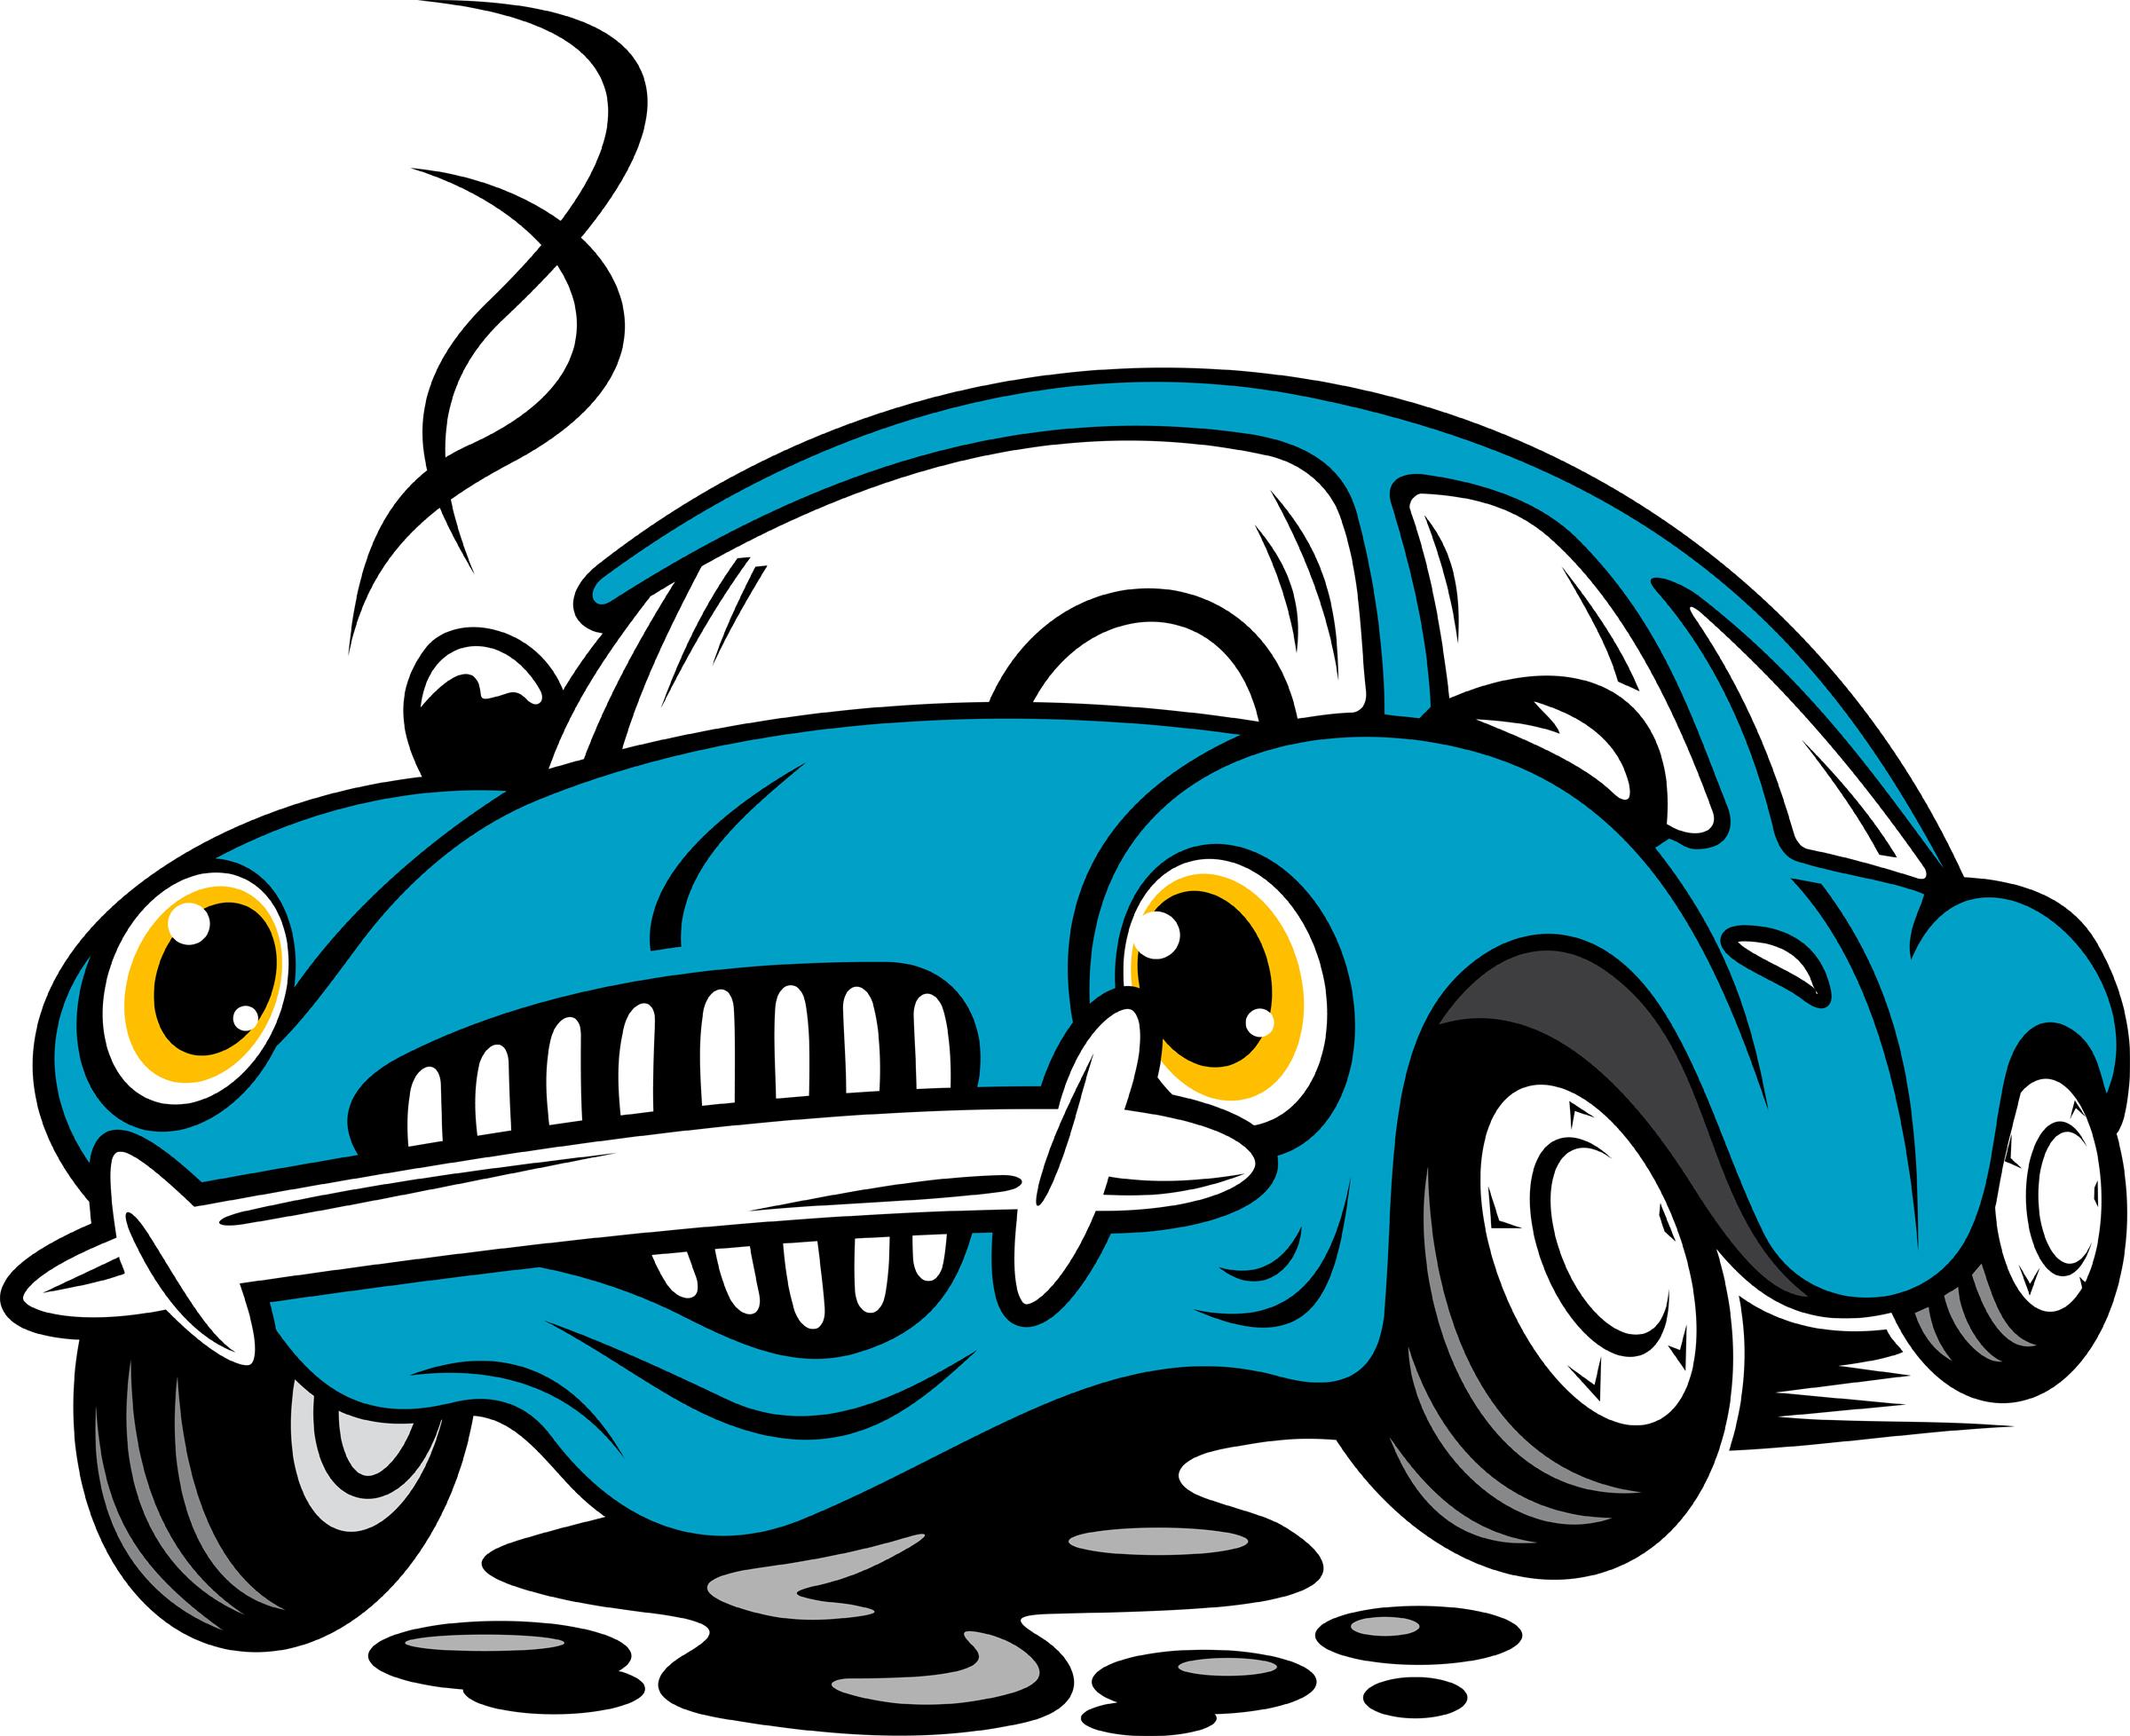 Blue Car clipart car smoke Clipart car BBCpersian7 ClipartFest Car